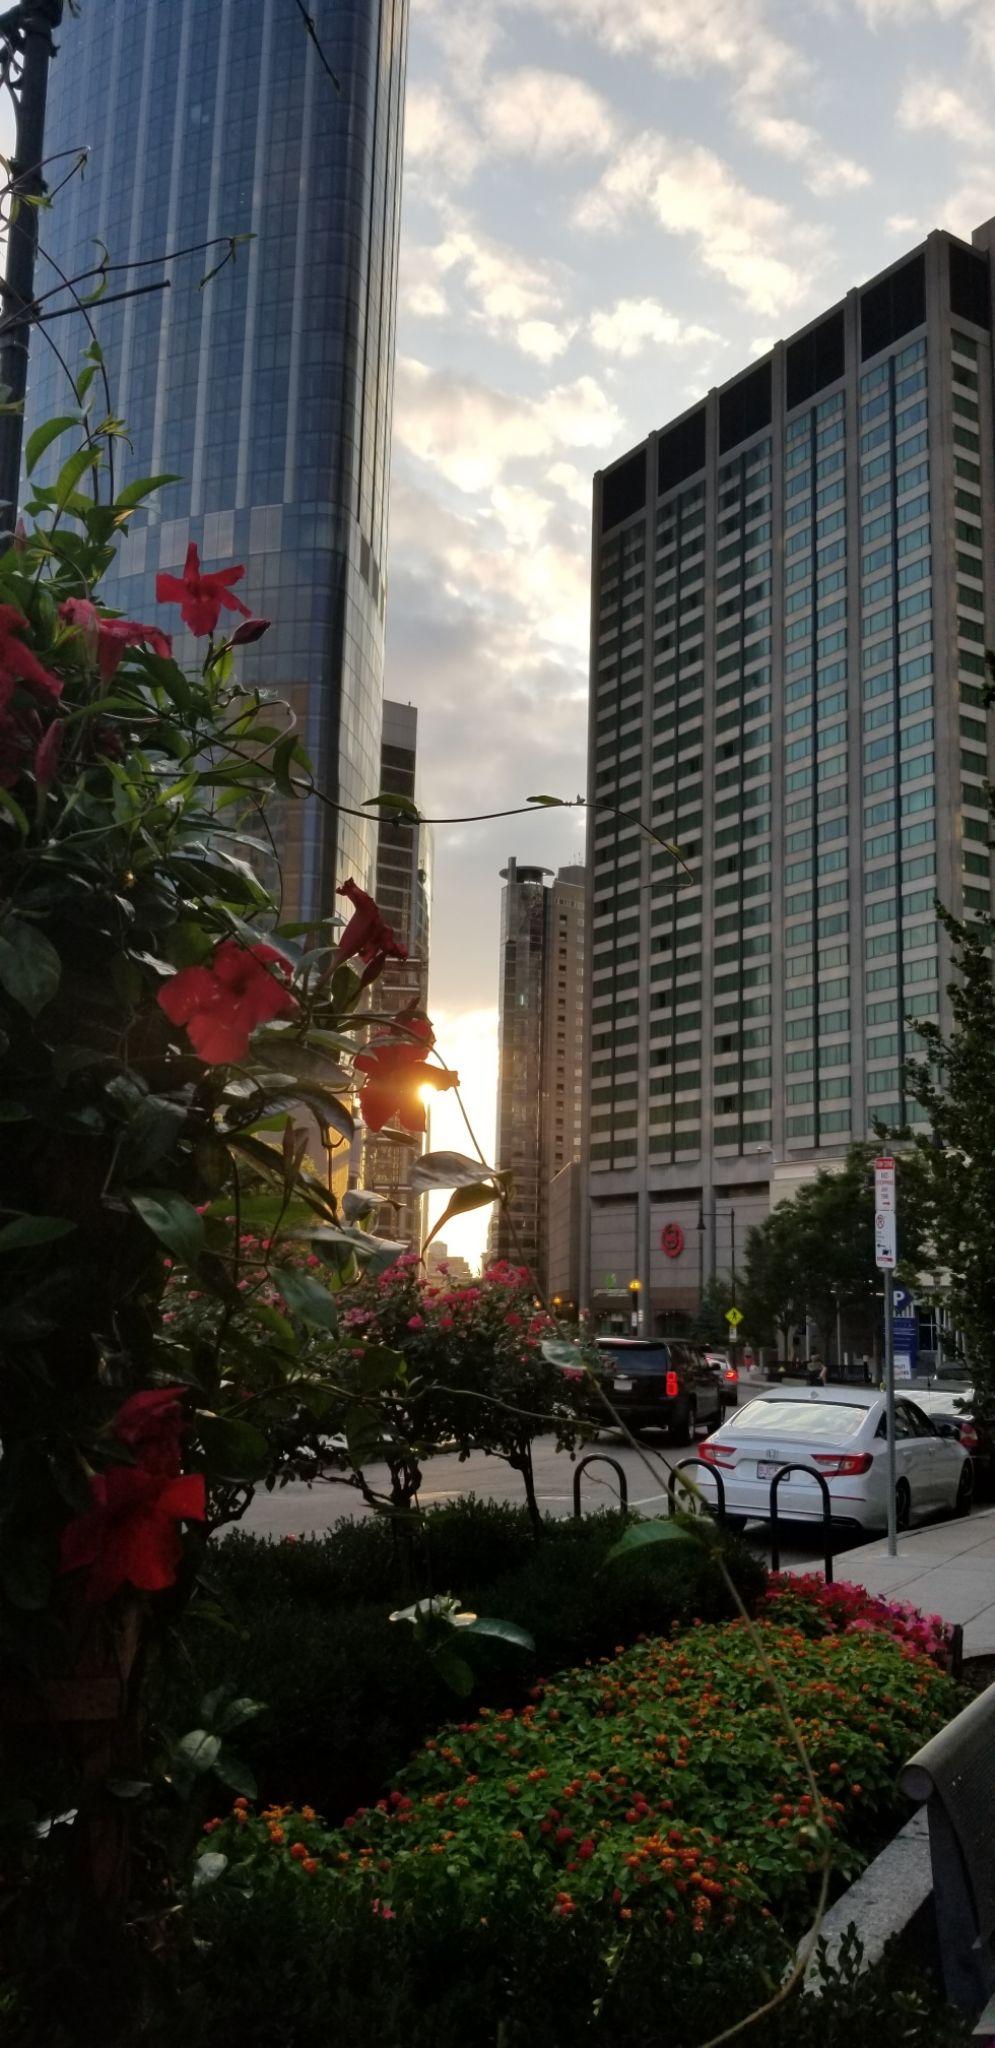 Photo of Boston By Shibya Pandey